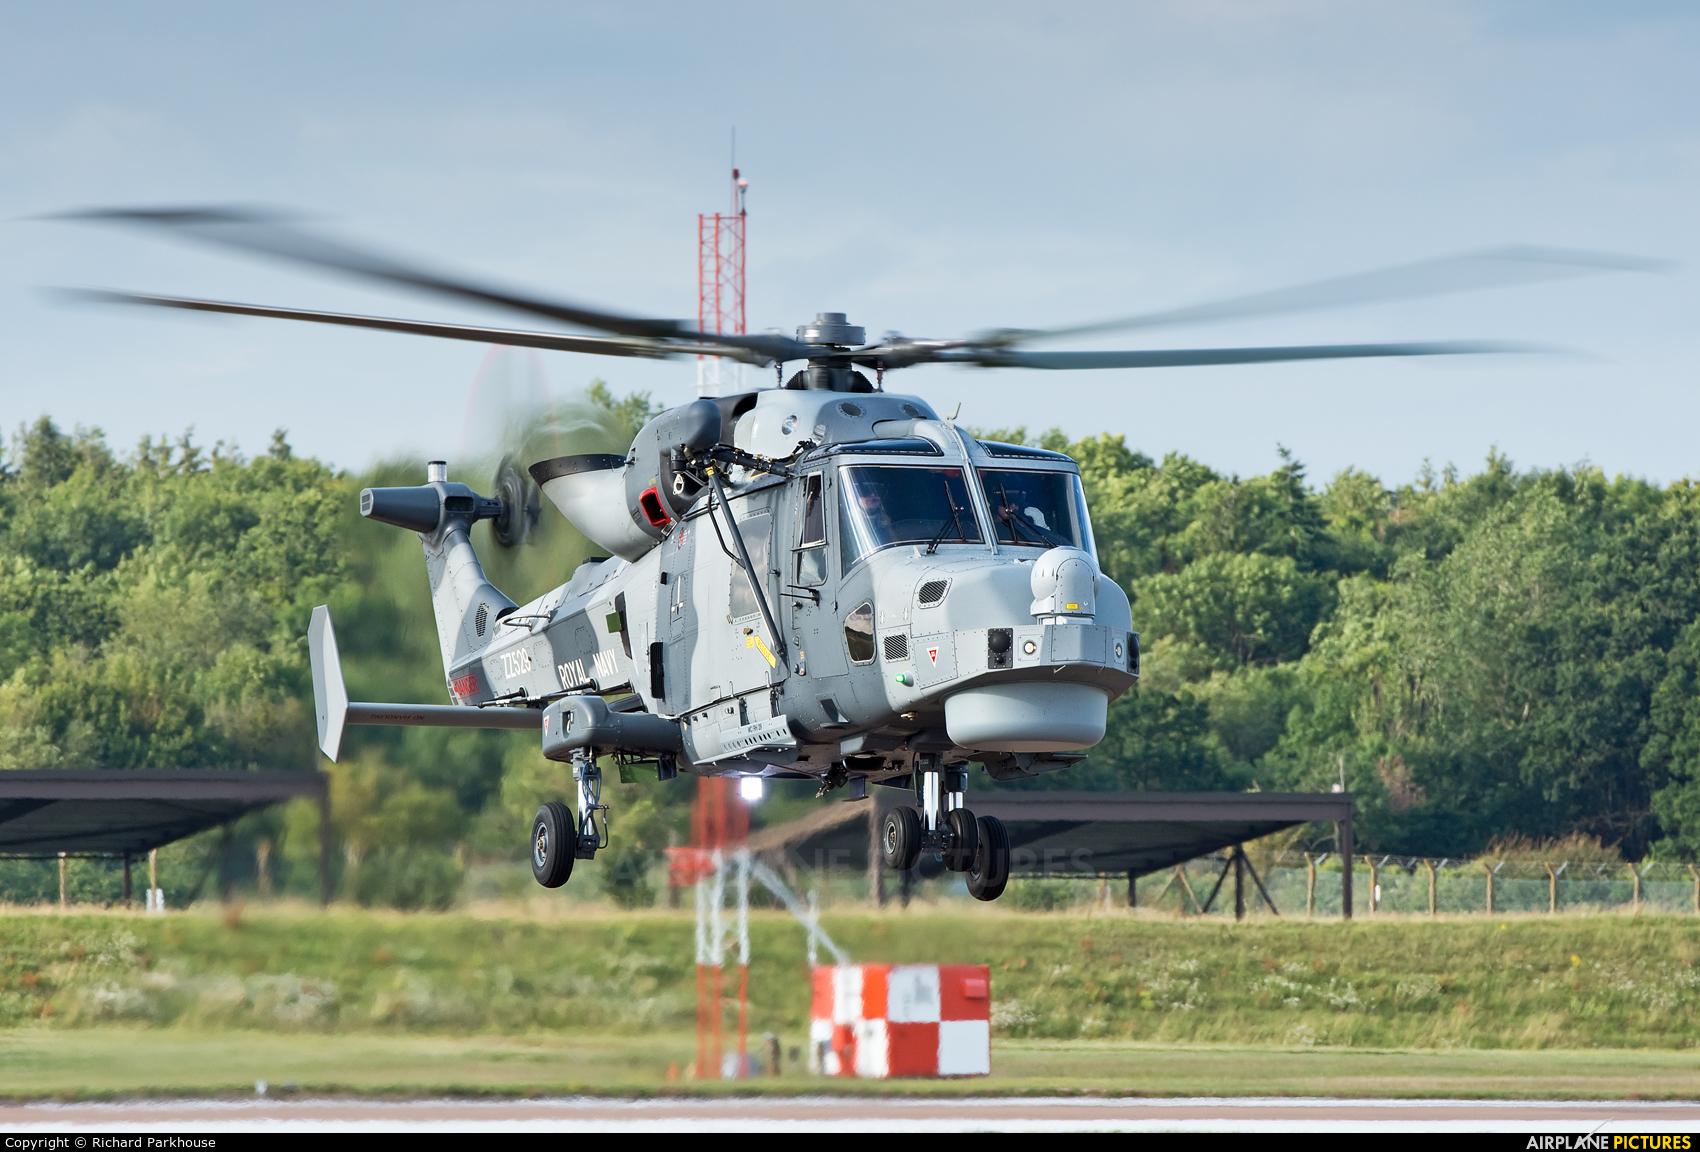 Royal Navy ZZ529 aircraft at Fairford